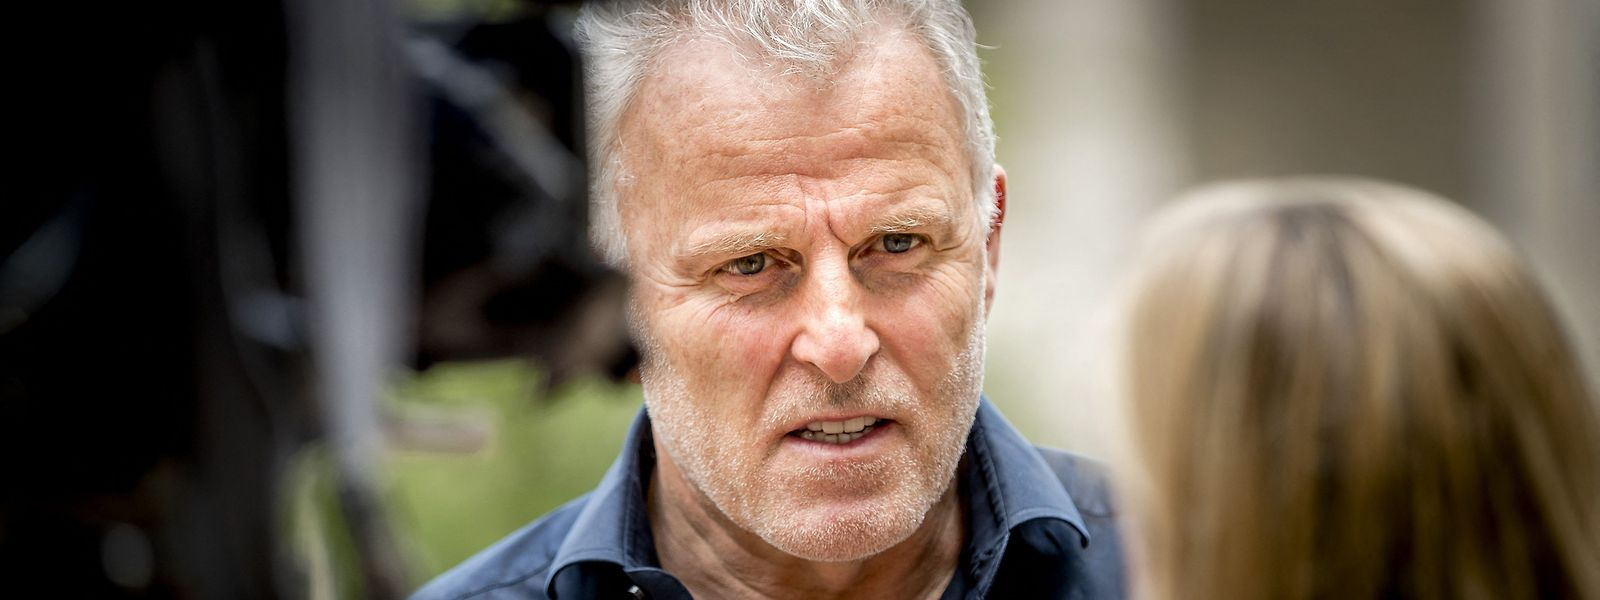 De Vries auf einer Aufnahme aus dem Jahr 2017.